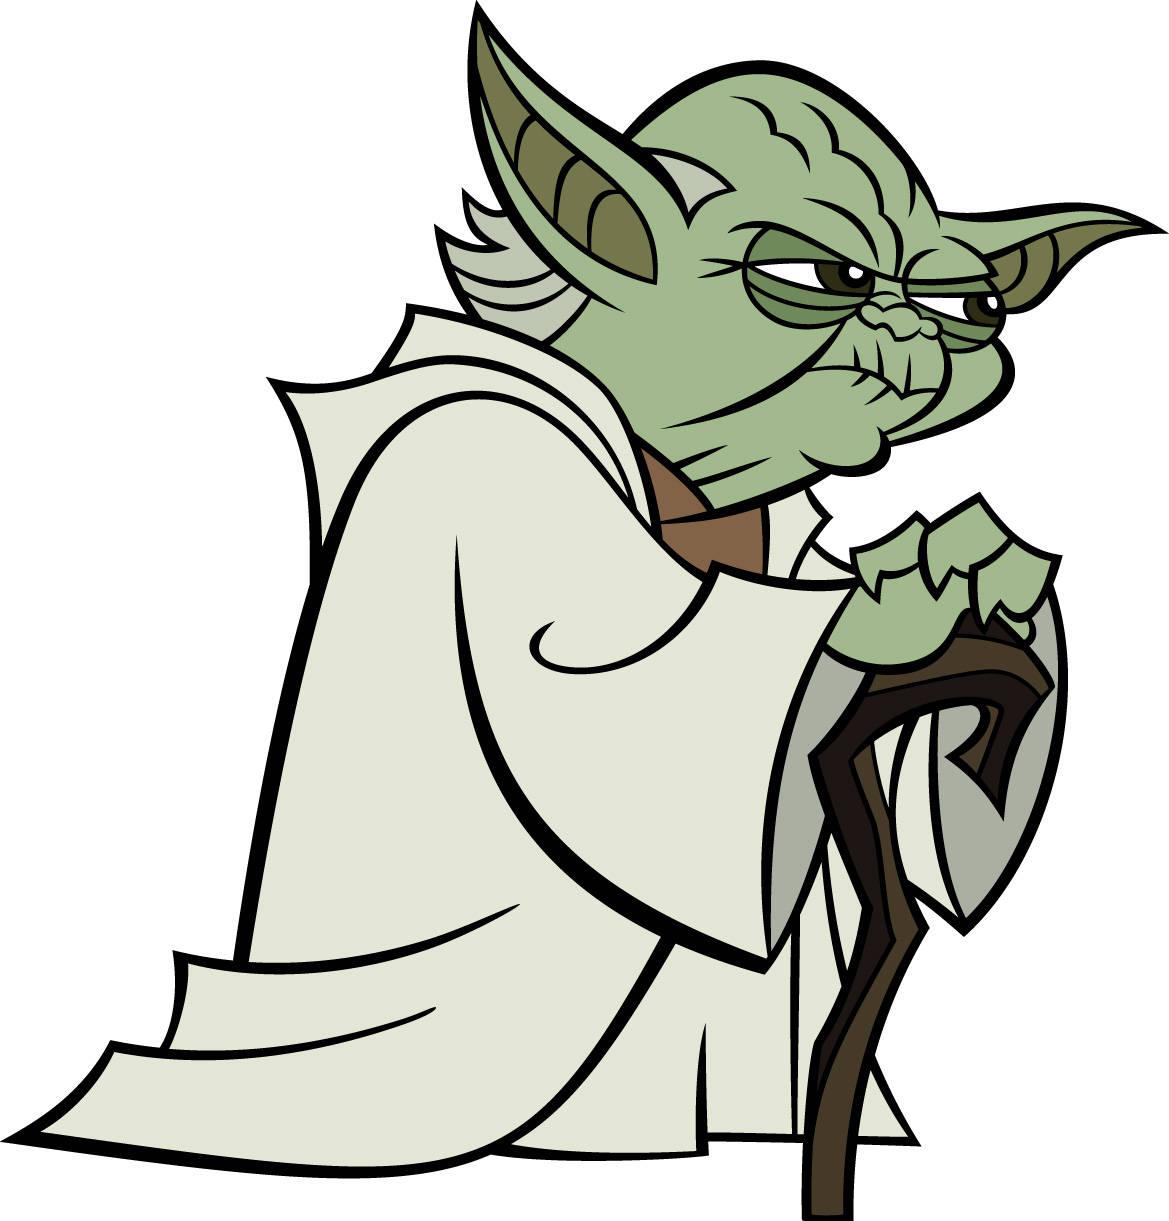 Coloriage Yoda de Star Wars à imprimer et colorier